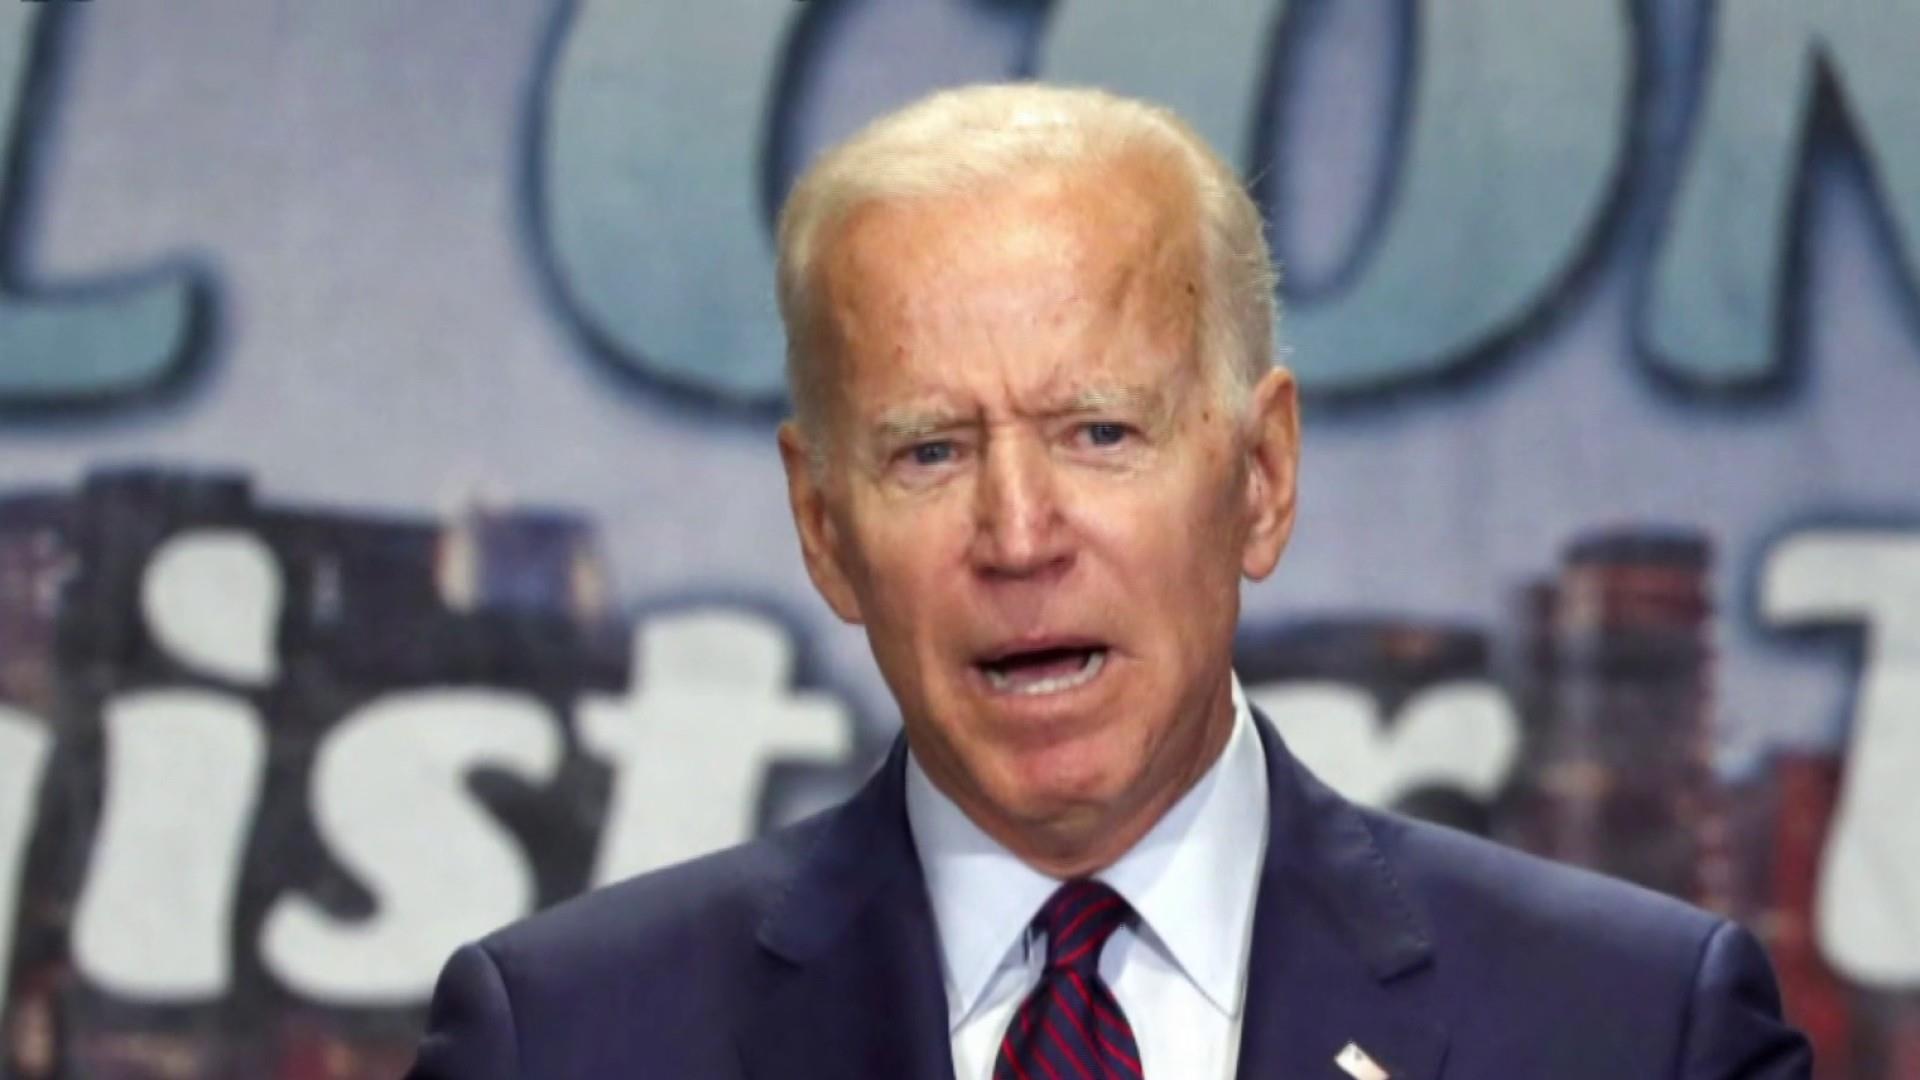 Southern Democrats prefer Biden, polling shows